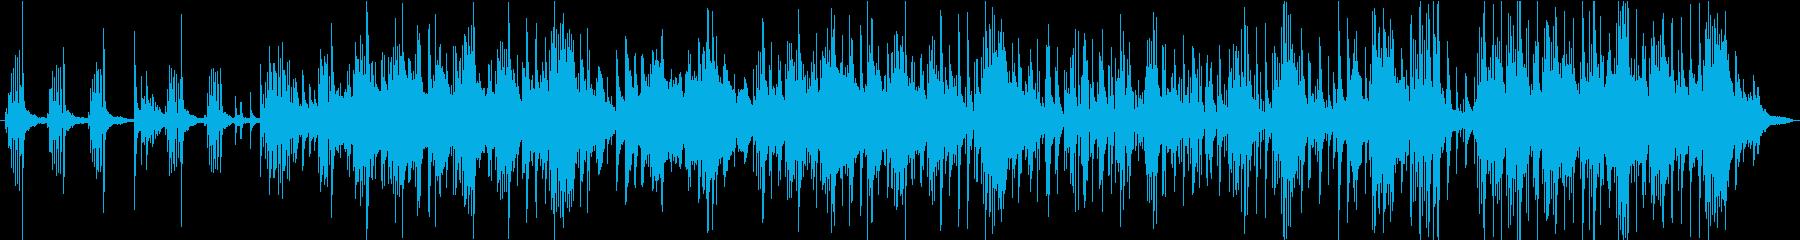 穏やかなピアノトリオバラードの再生済みの波形